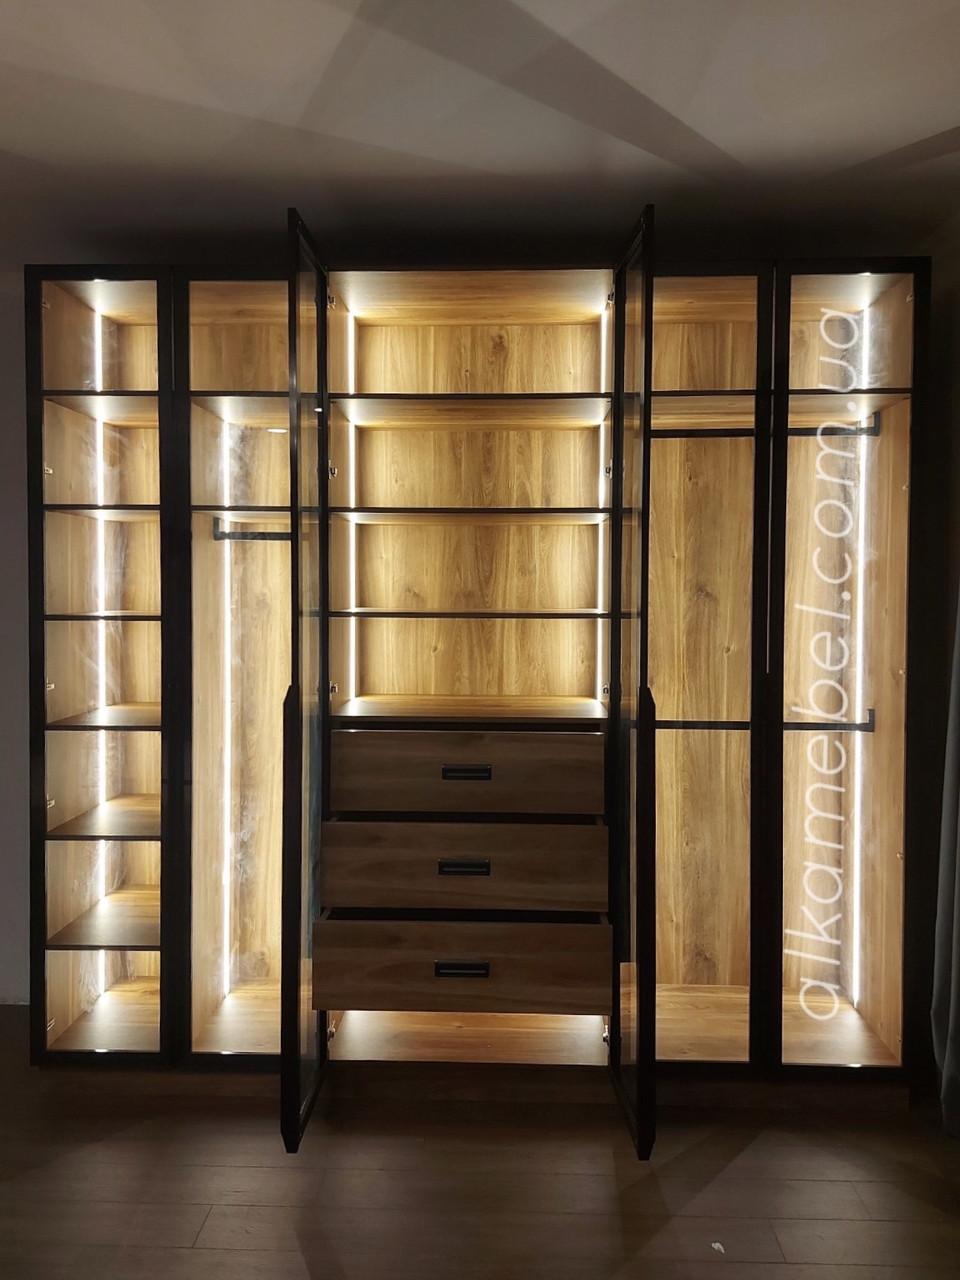 Шкаф гардеробный с подсветкой. Шкаф с стеклянными фасадами. Шкаф современный модель 2021